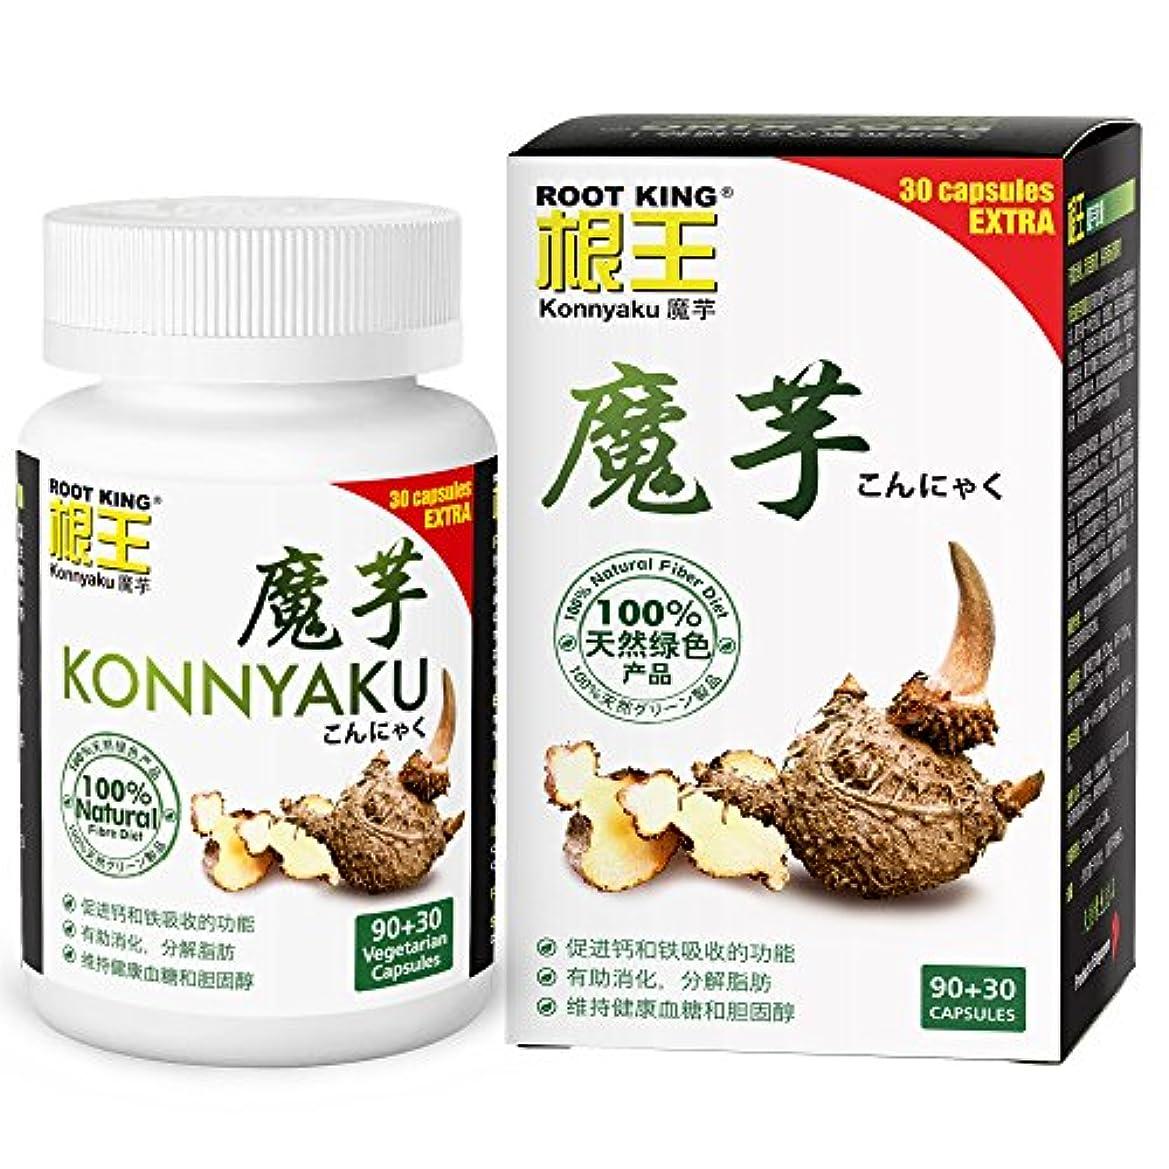 襲撃基礎天のROOT KING Konnyaku (120 Vegecaps) - control appetitide, feel fuller, contains Konjac glucomannan